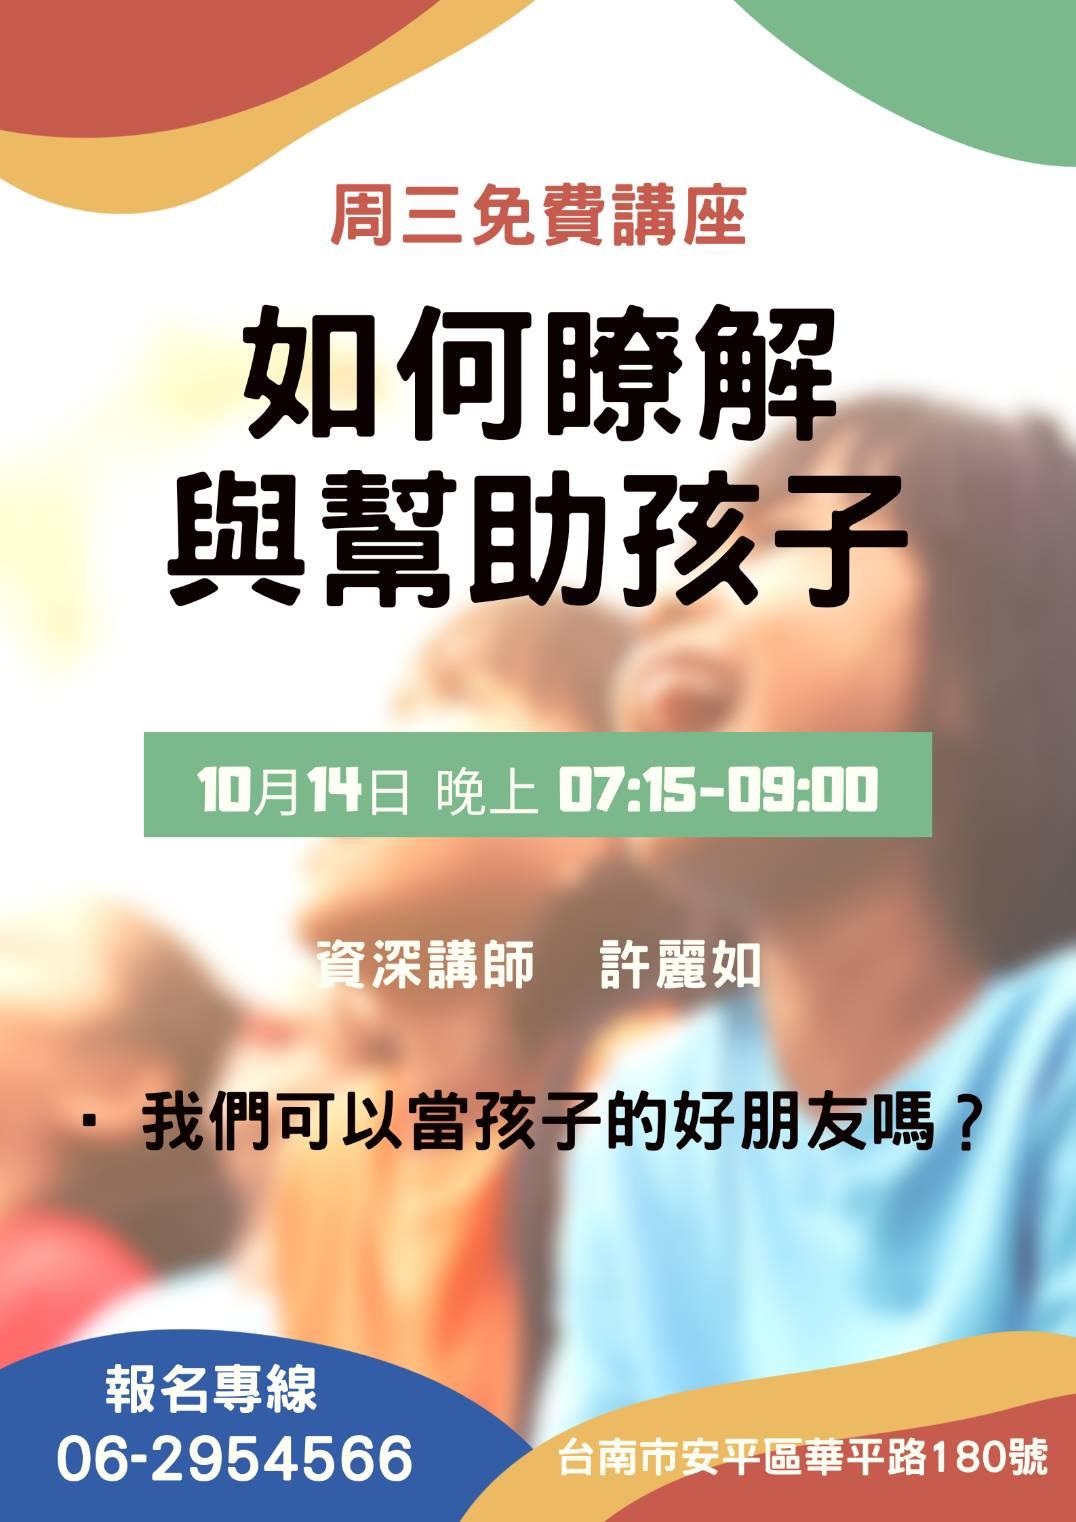 免費演講-瞭解與幫助孩子 10/14